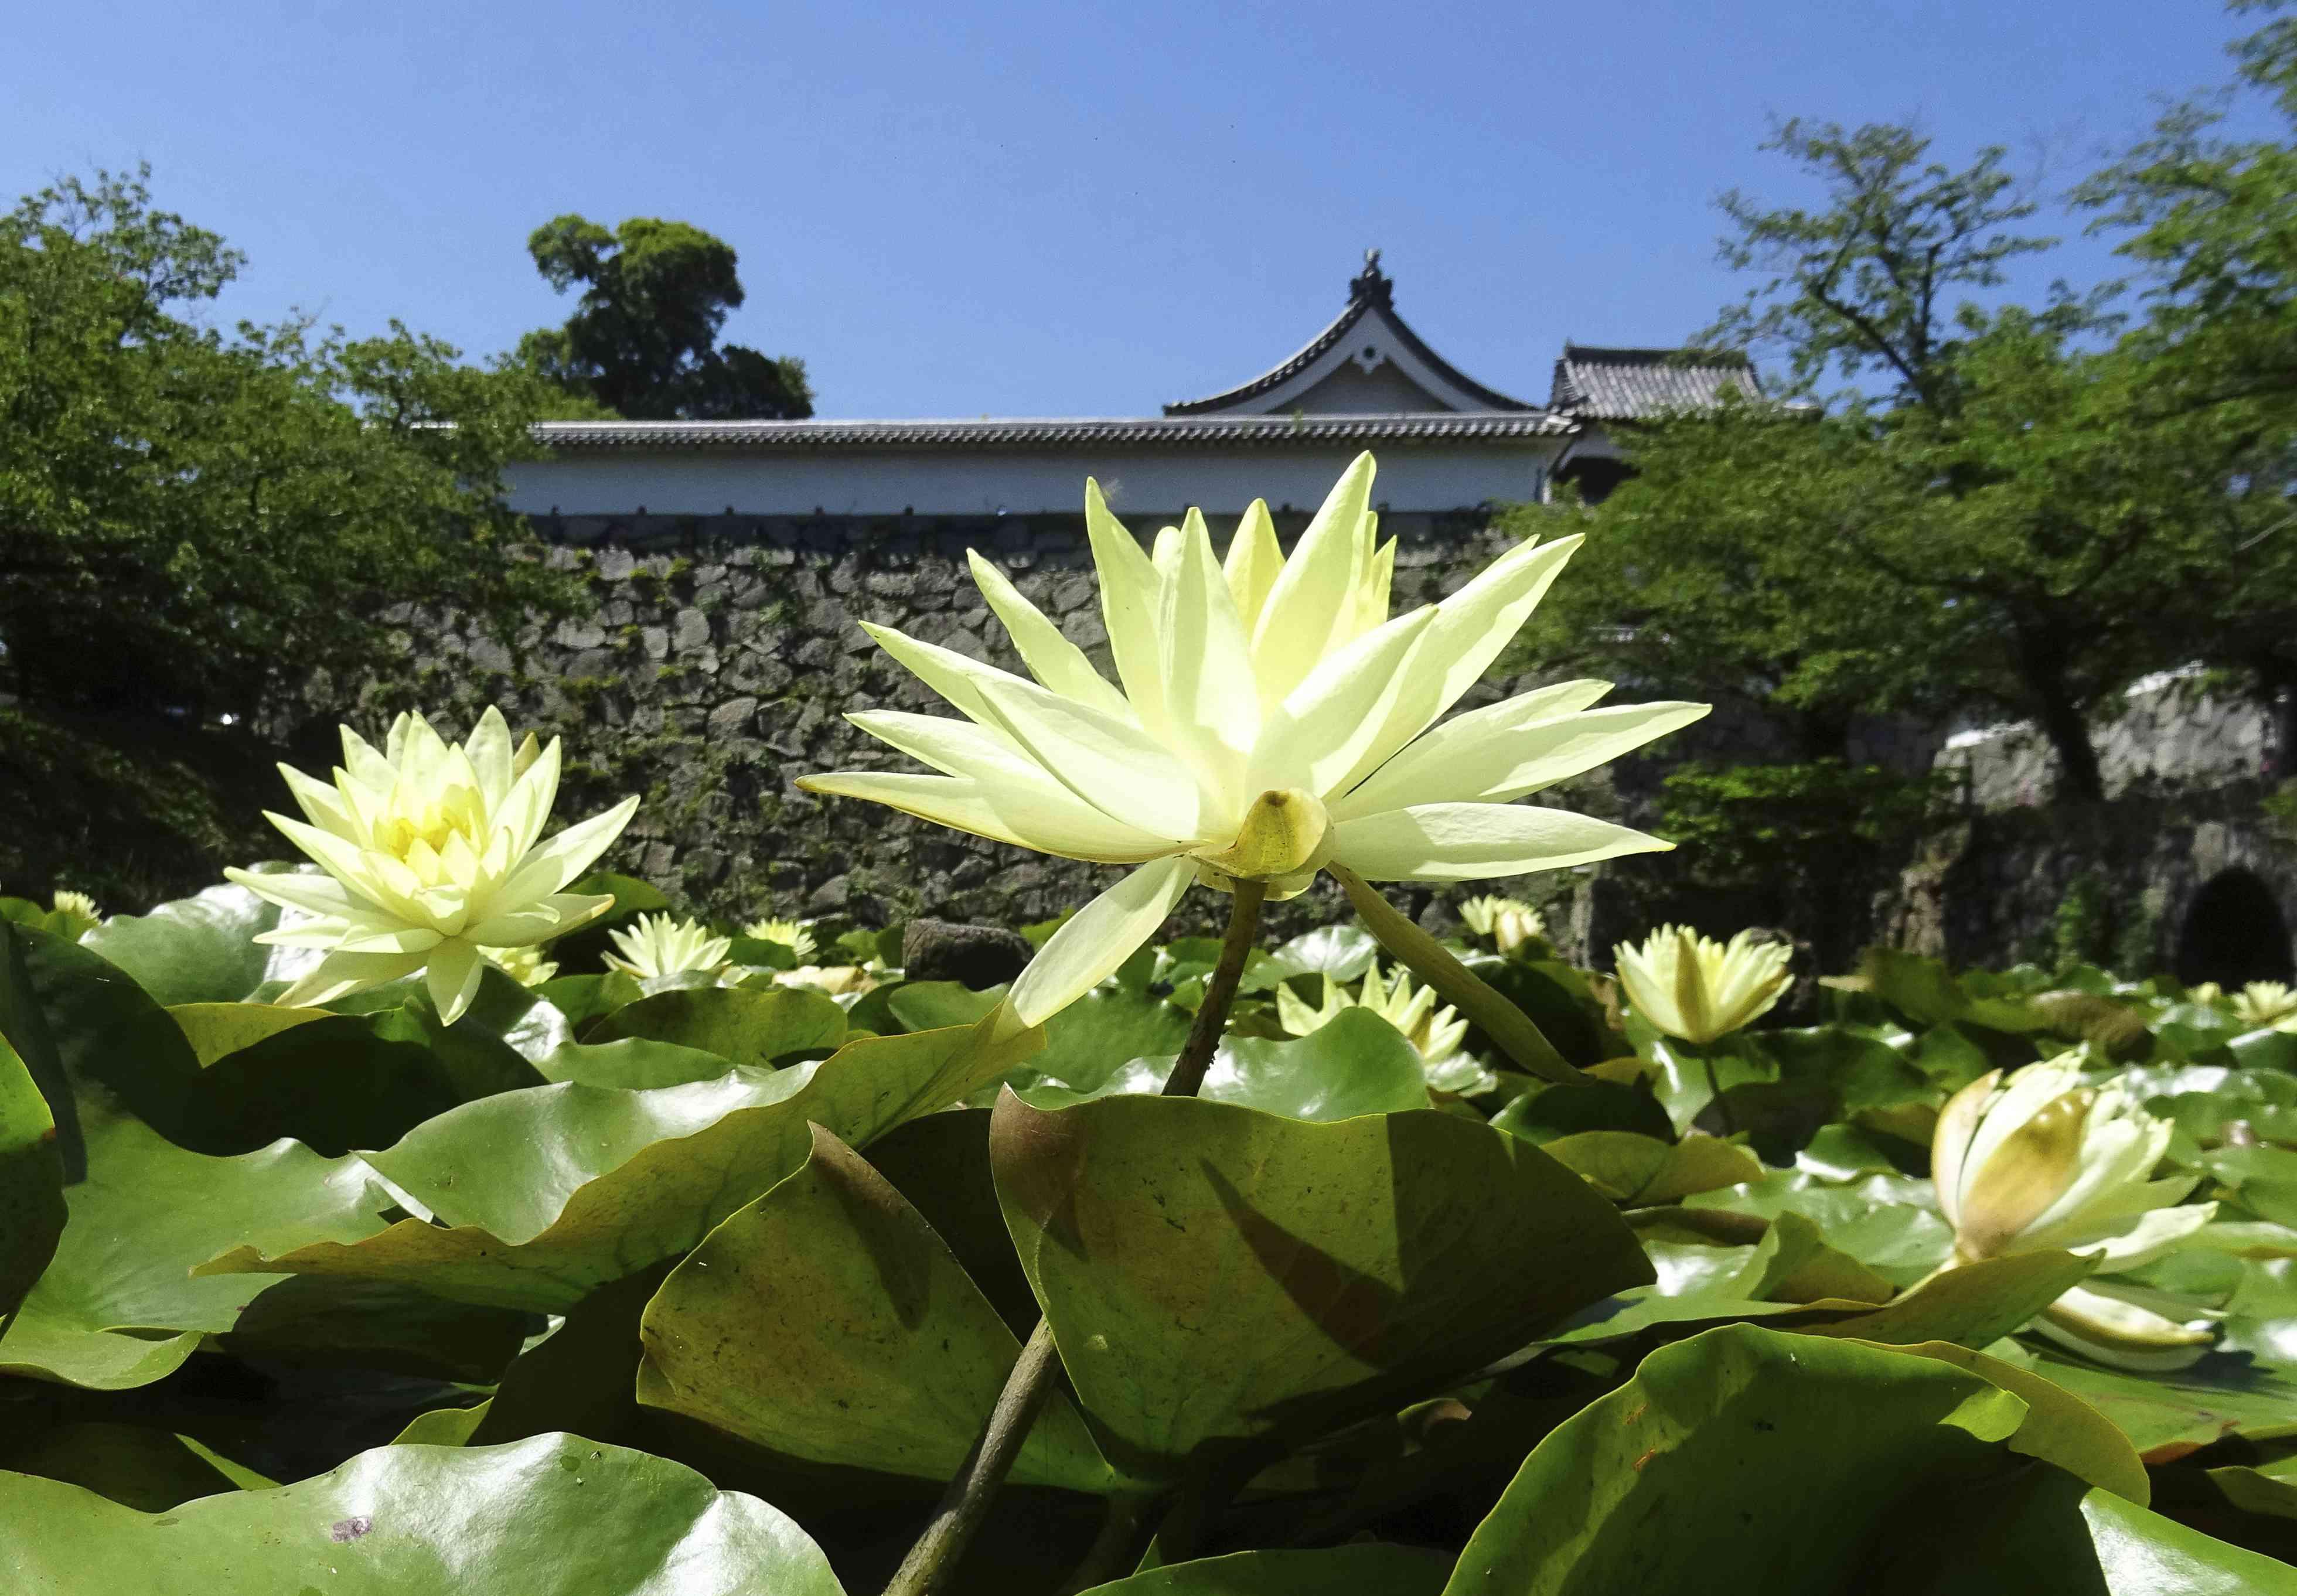 美美哒!夏日来临,日本福冈舞鹤公园内的睡莲尽情绽放